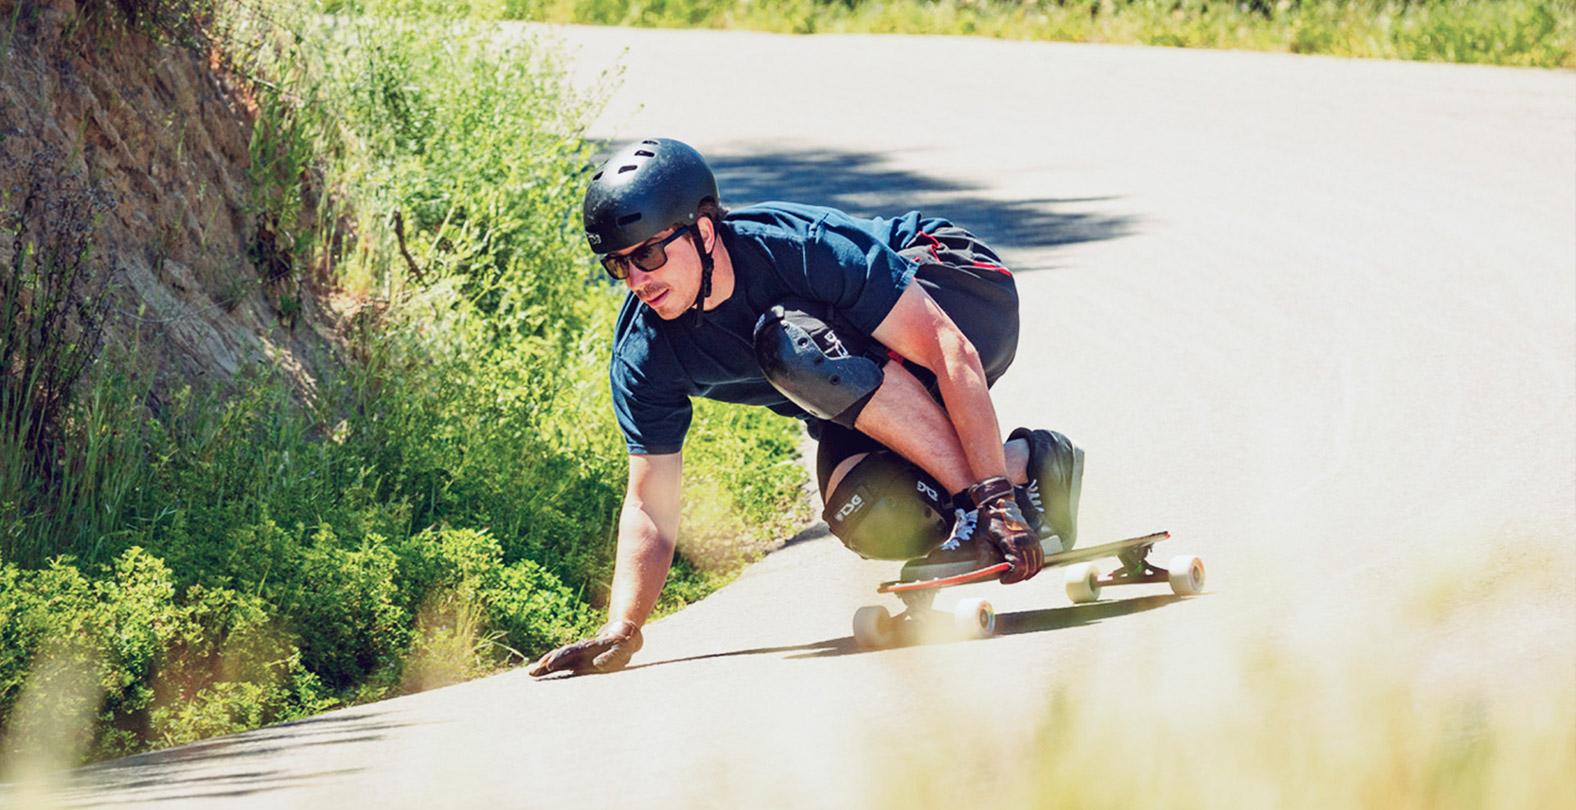 Kevin Reimer downhill skateboarder